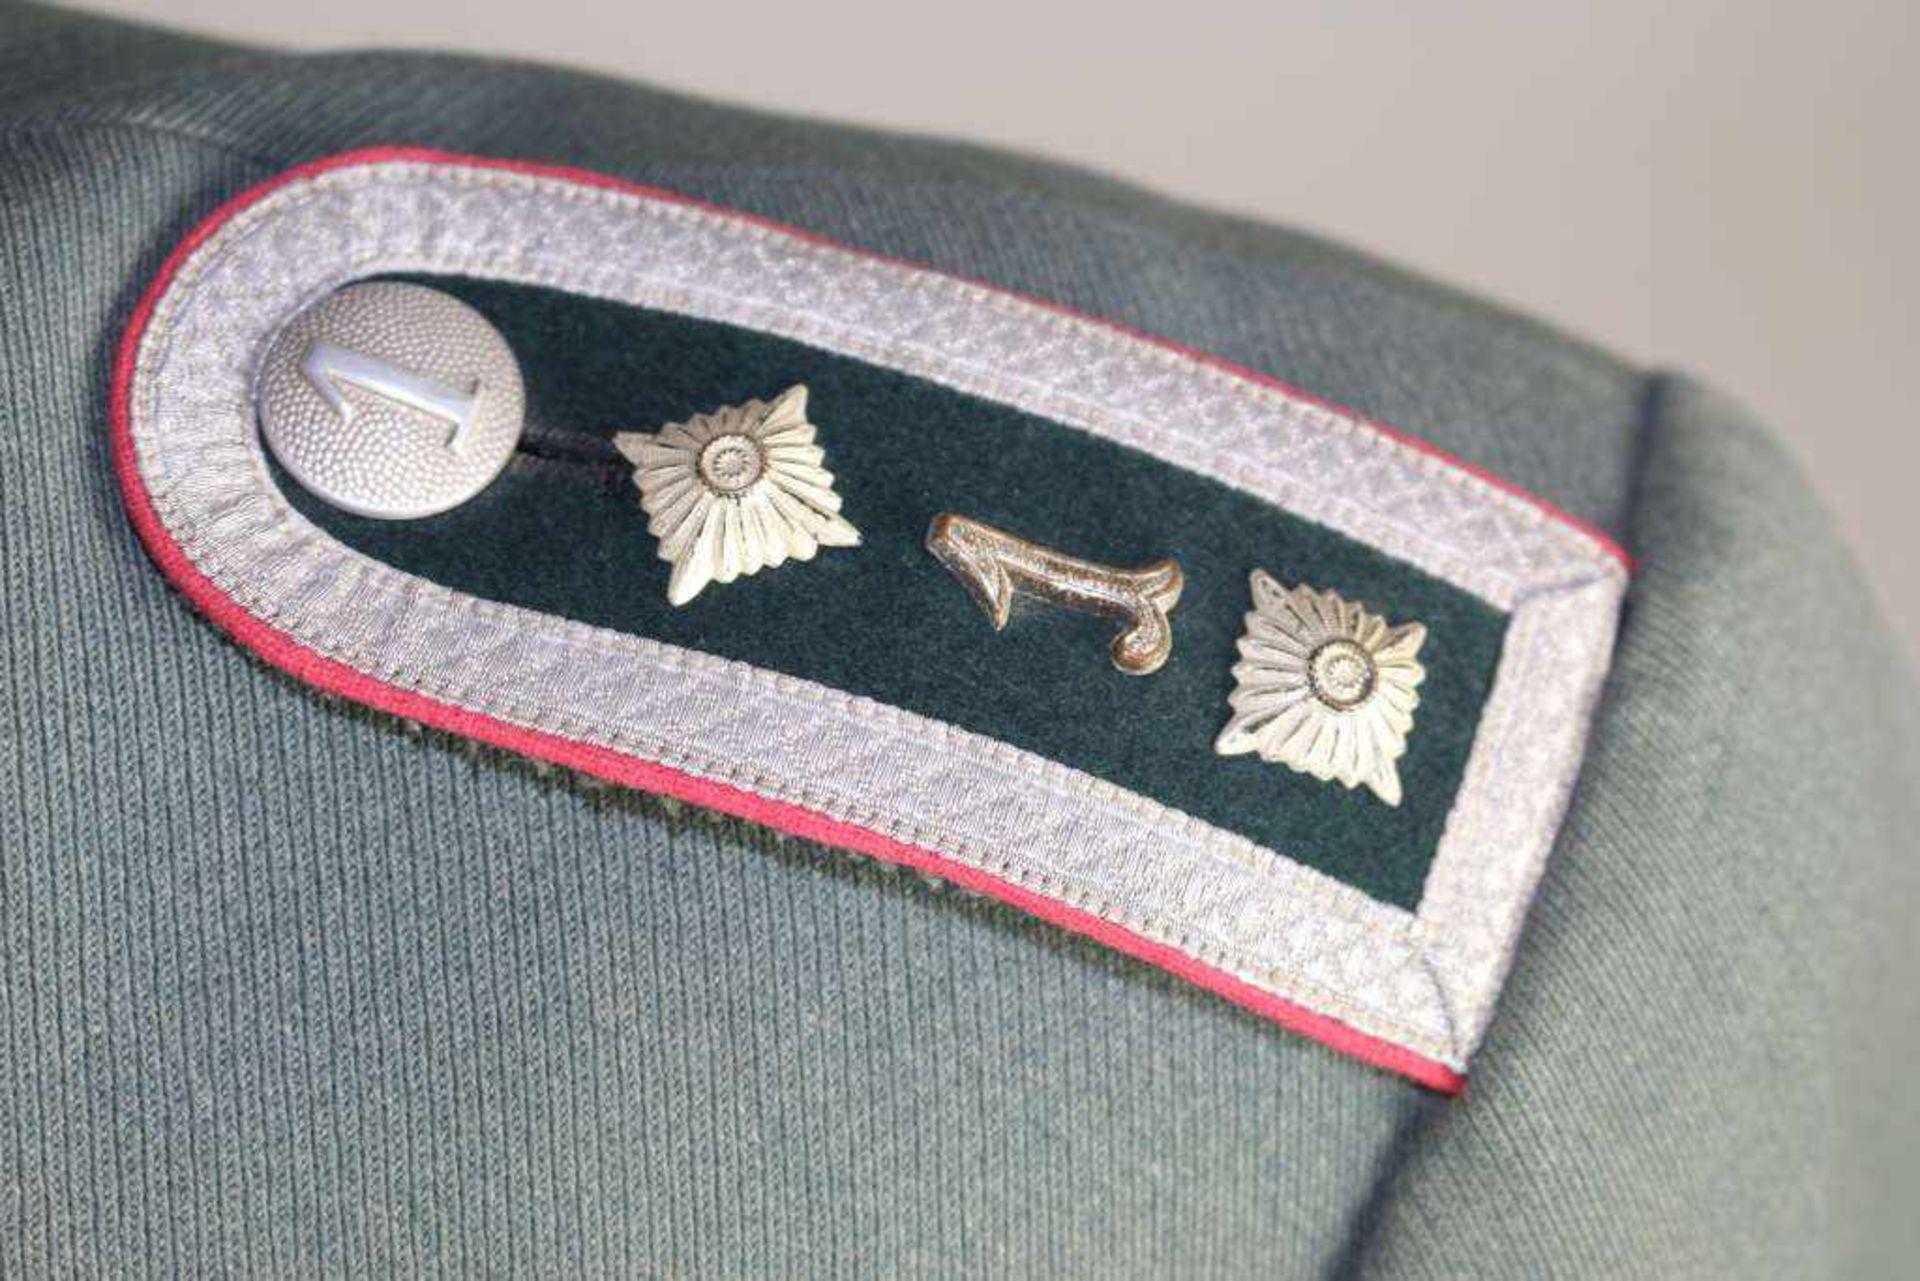 Wehrmacht Heer Waffenrock und Schirmmütze eines Kompaniefeldwebels der 1. Kompanie Panzerregiment 1. - Bild 3 aus 17